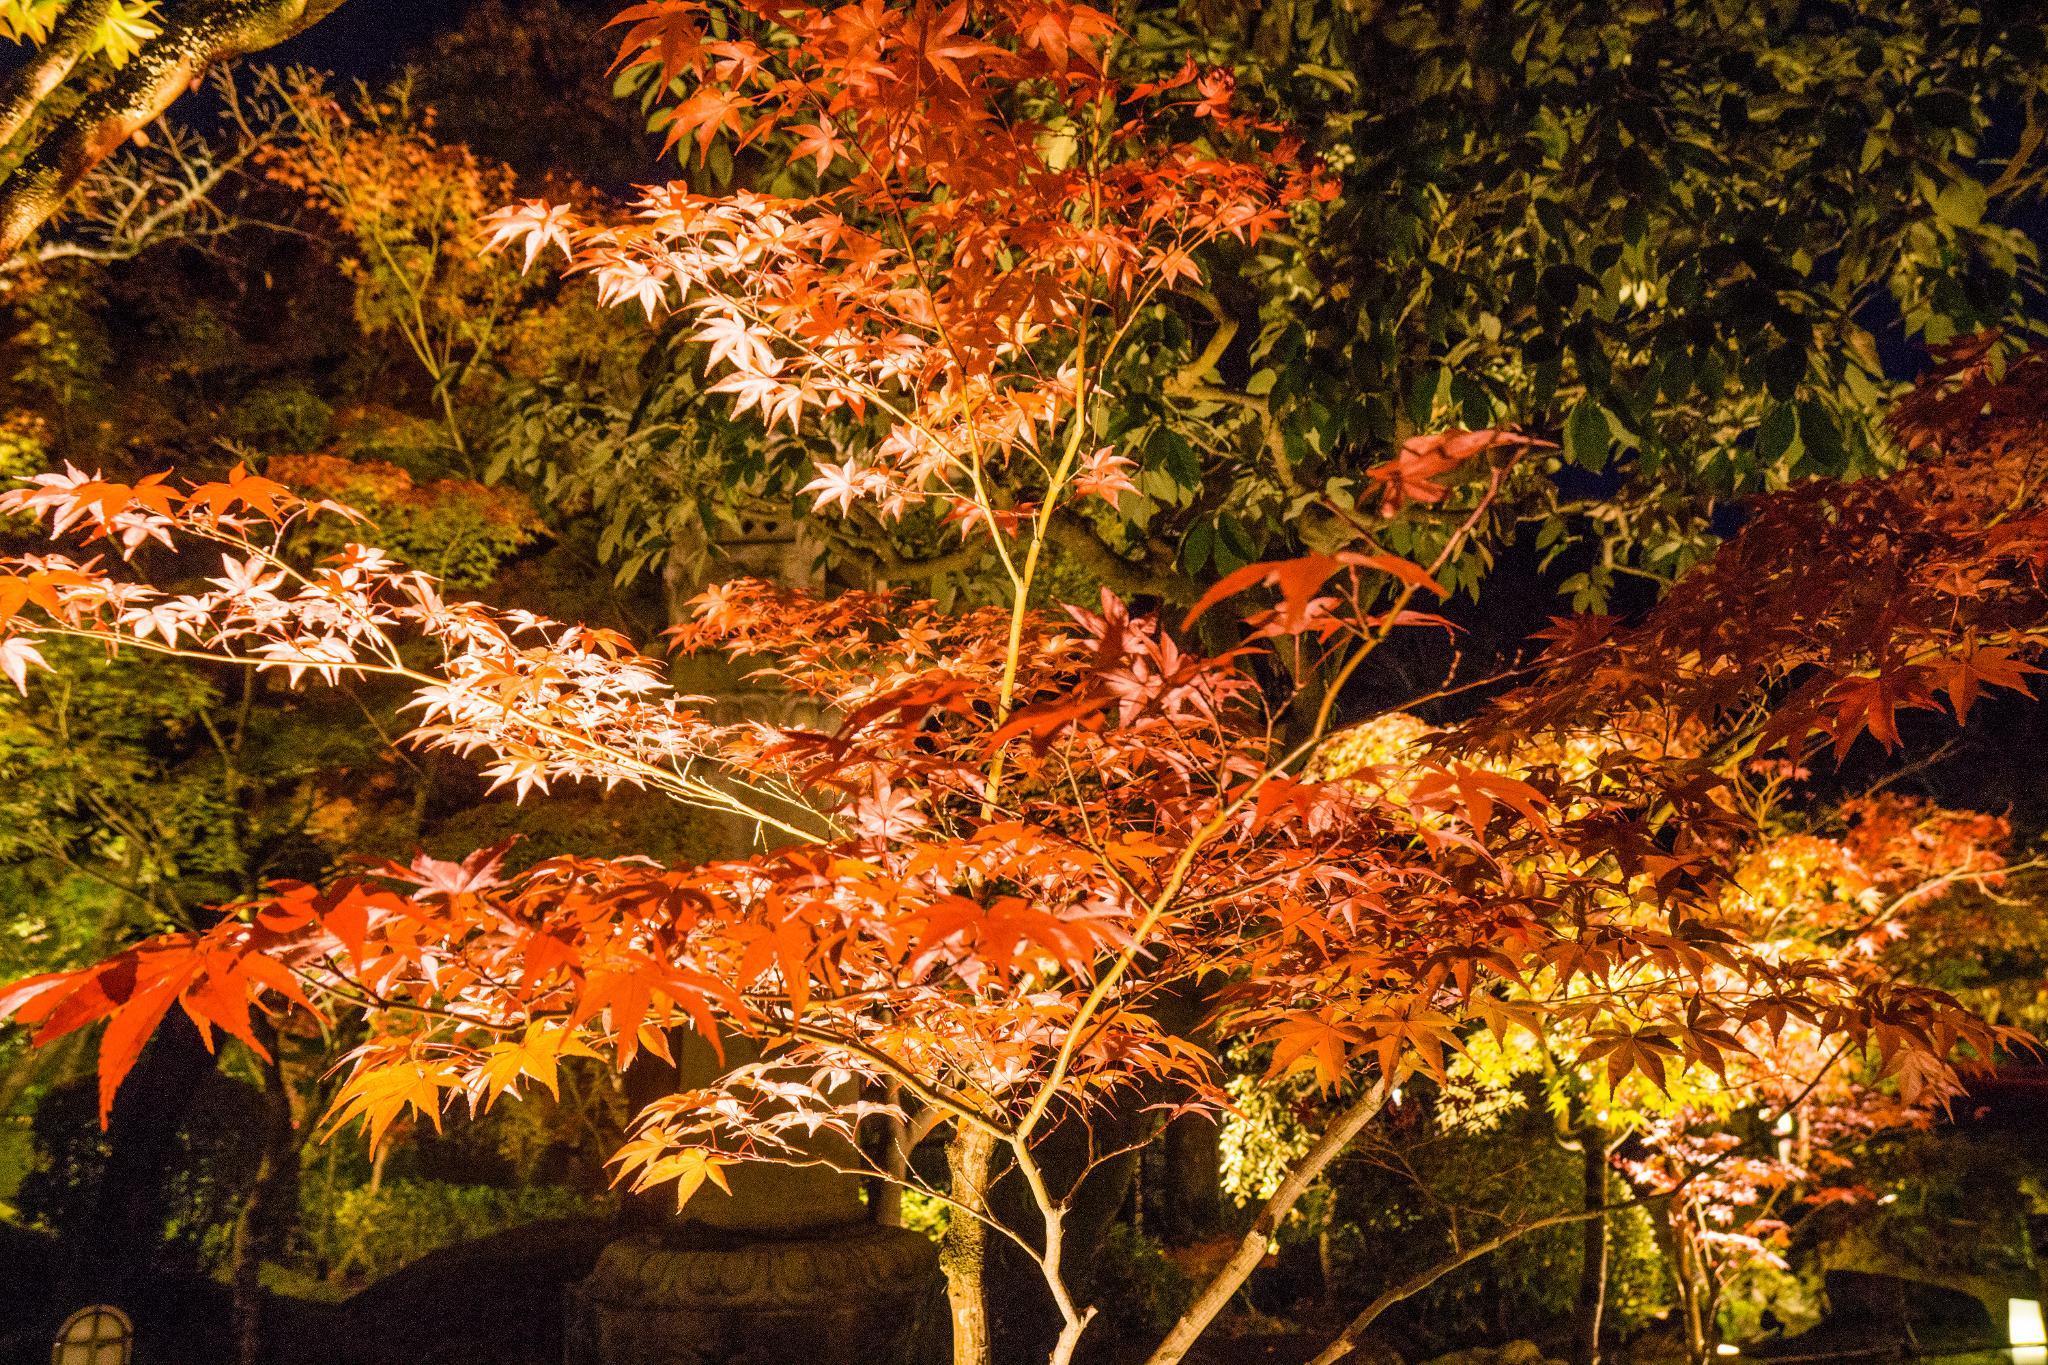 【京都】此生必來的紅葉狩絕景 - 永觀堂夜楓 133